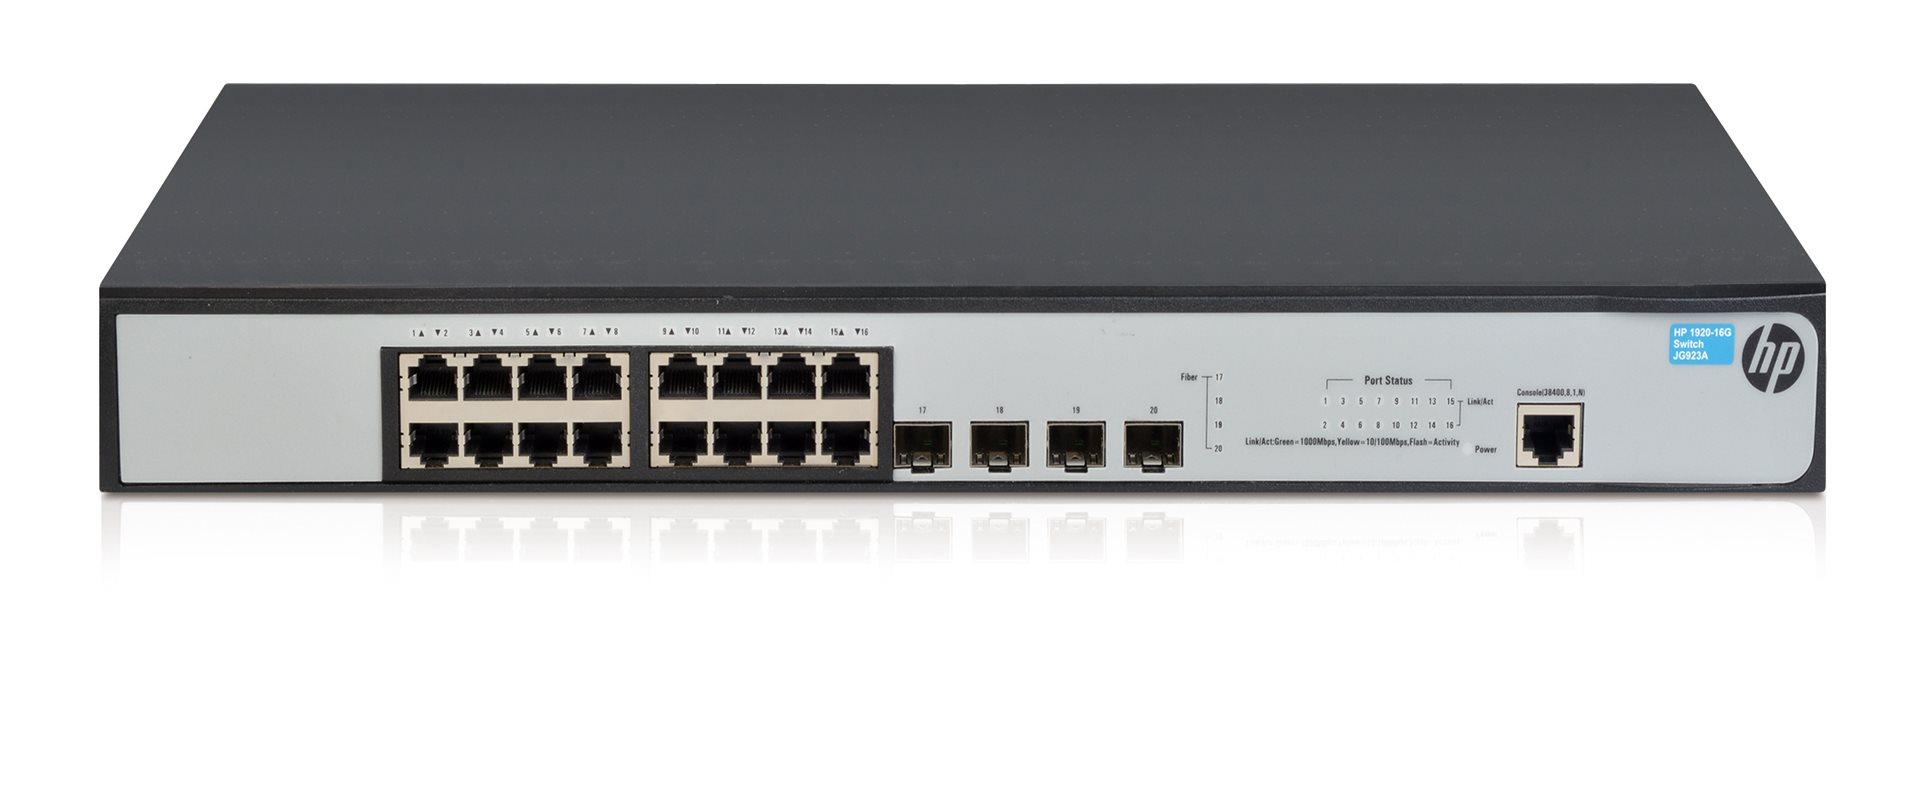 Коммутатор HP 1920-16G (JG923A) Коммутатор Gigabit с 16 портами, 4 портами GbE SFP и интеллектуальным управлением. Производитель: HP, артикул: 0312980